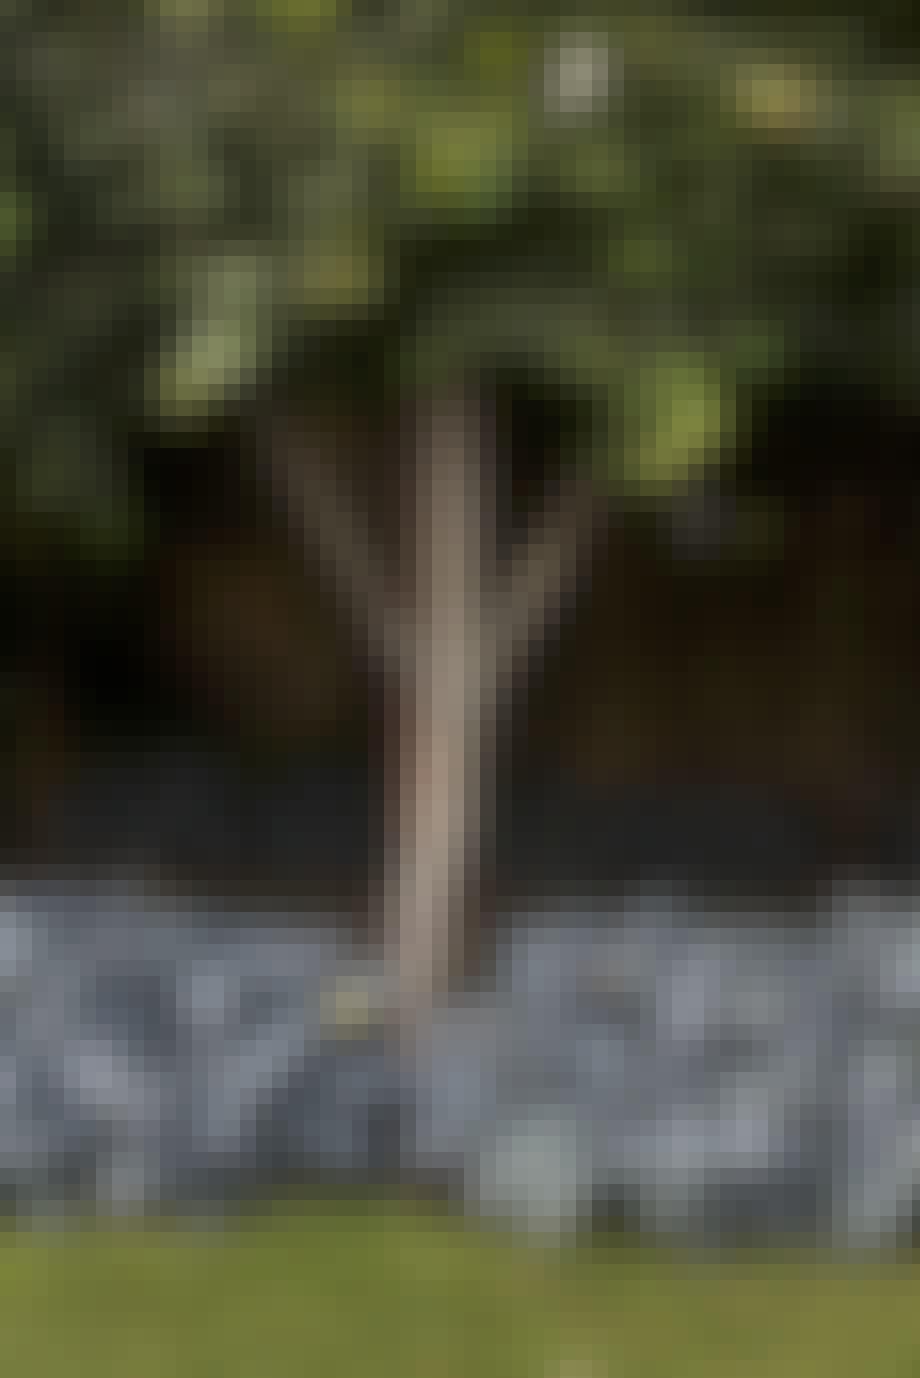 Espalierlindetræ